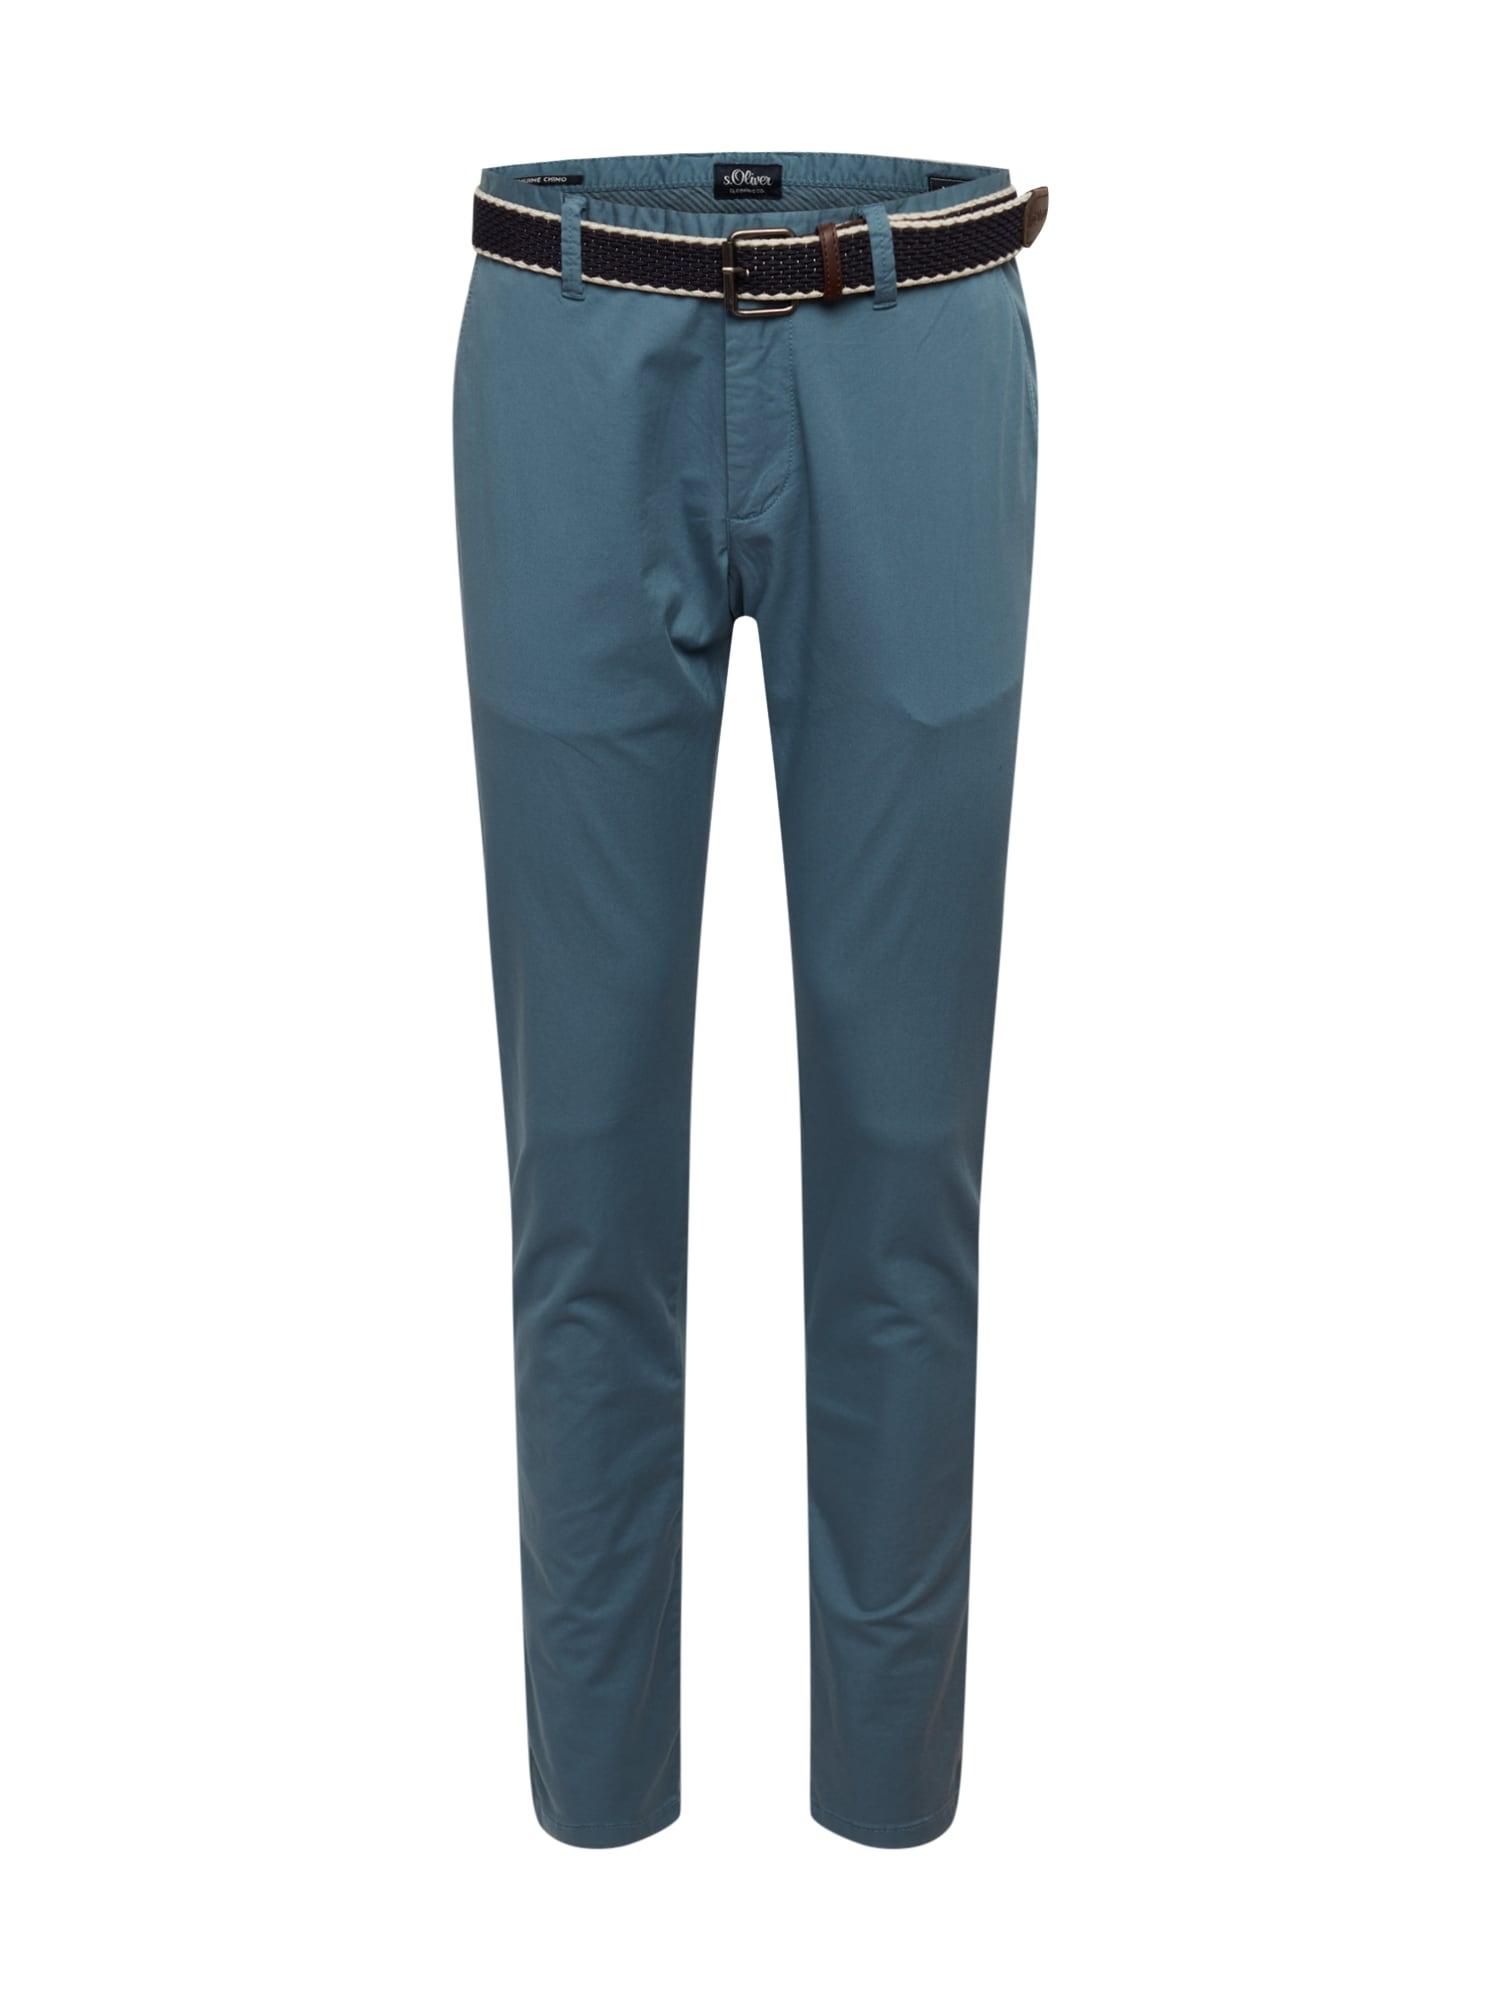 s.Oliver Džinsai 'Hose' tamsiai (džinso) mėlyna